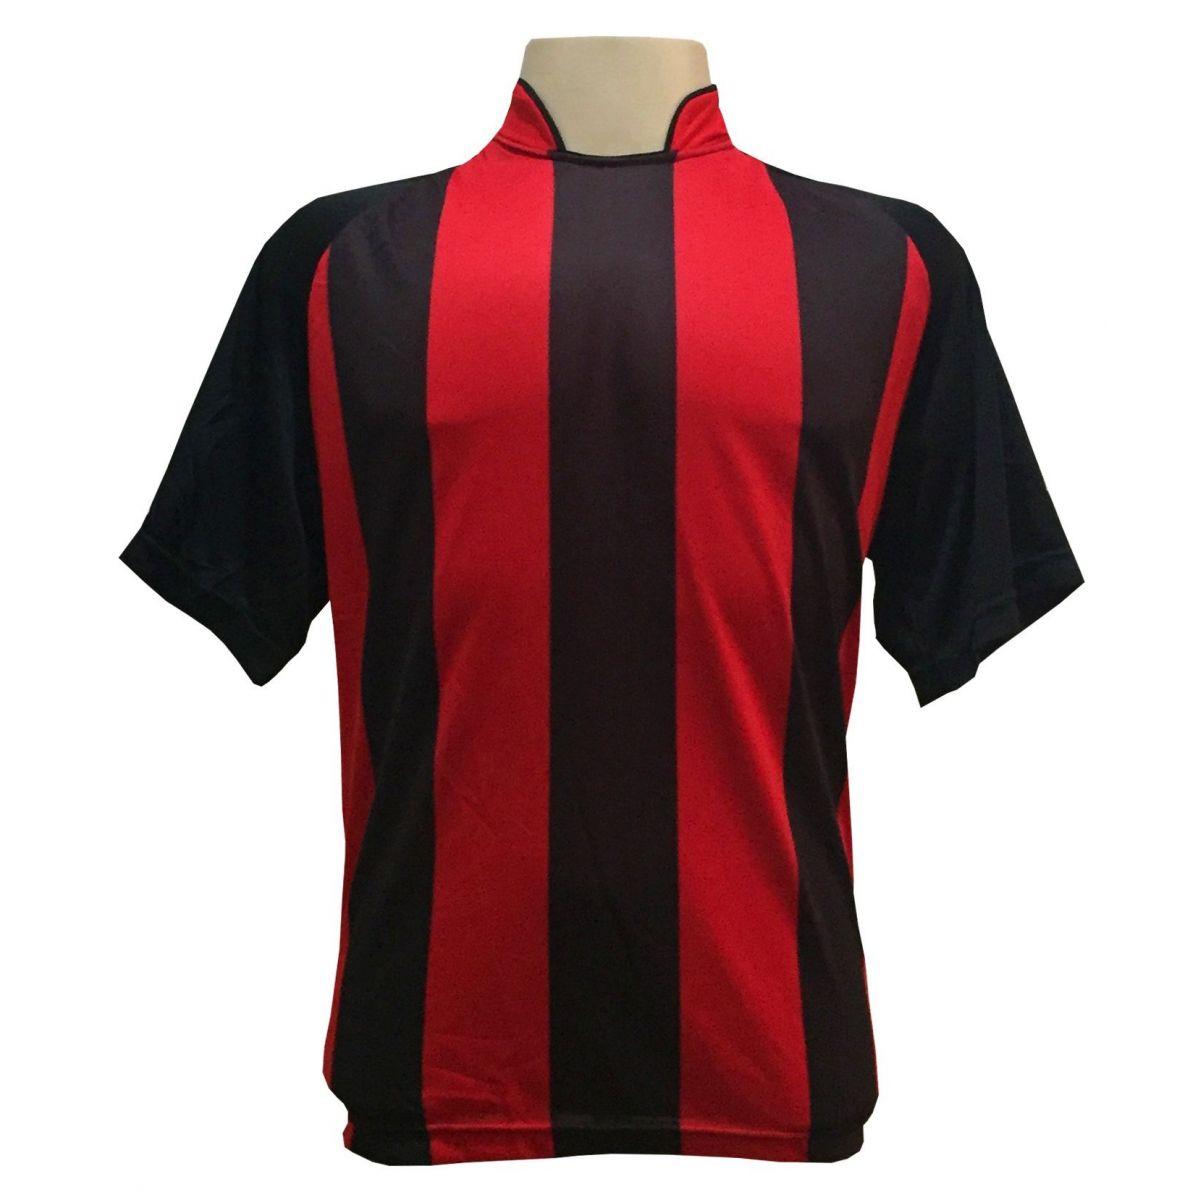 Fardamento Completo modelo Milan 20+2 (20 camisas Preto/Vermelho + 20 calções modelo Copa Preto/Vermelho + 20 pares de meiões Vermelho + 2 conjuntos de goleiro) + Brindes